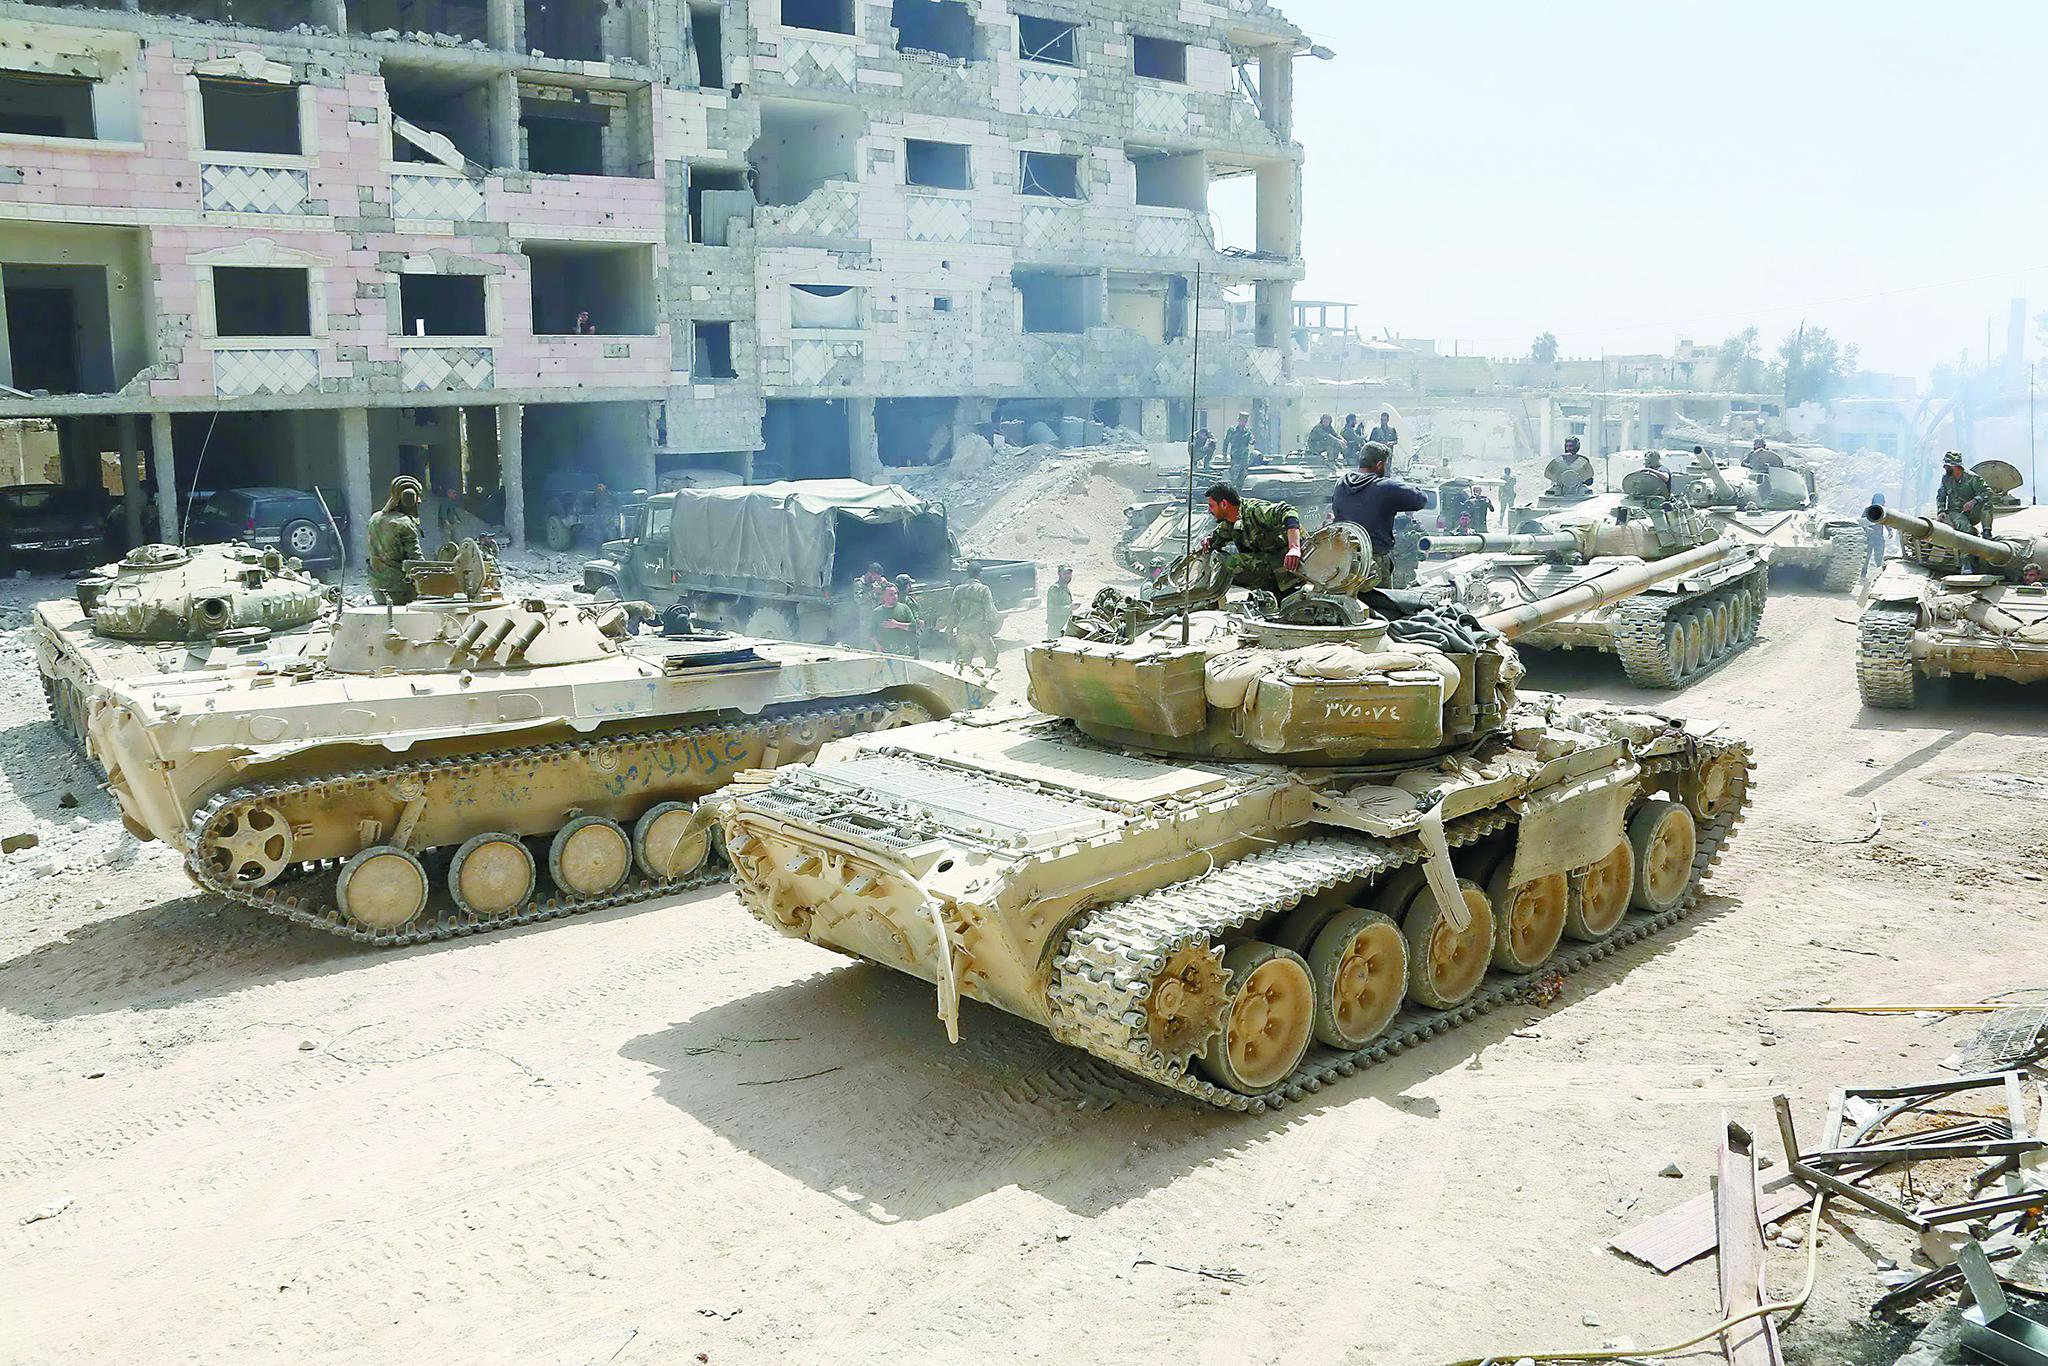 9日,叙利亚政府军装甲部队在反对派武装控制的东古塔地区外围集结。